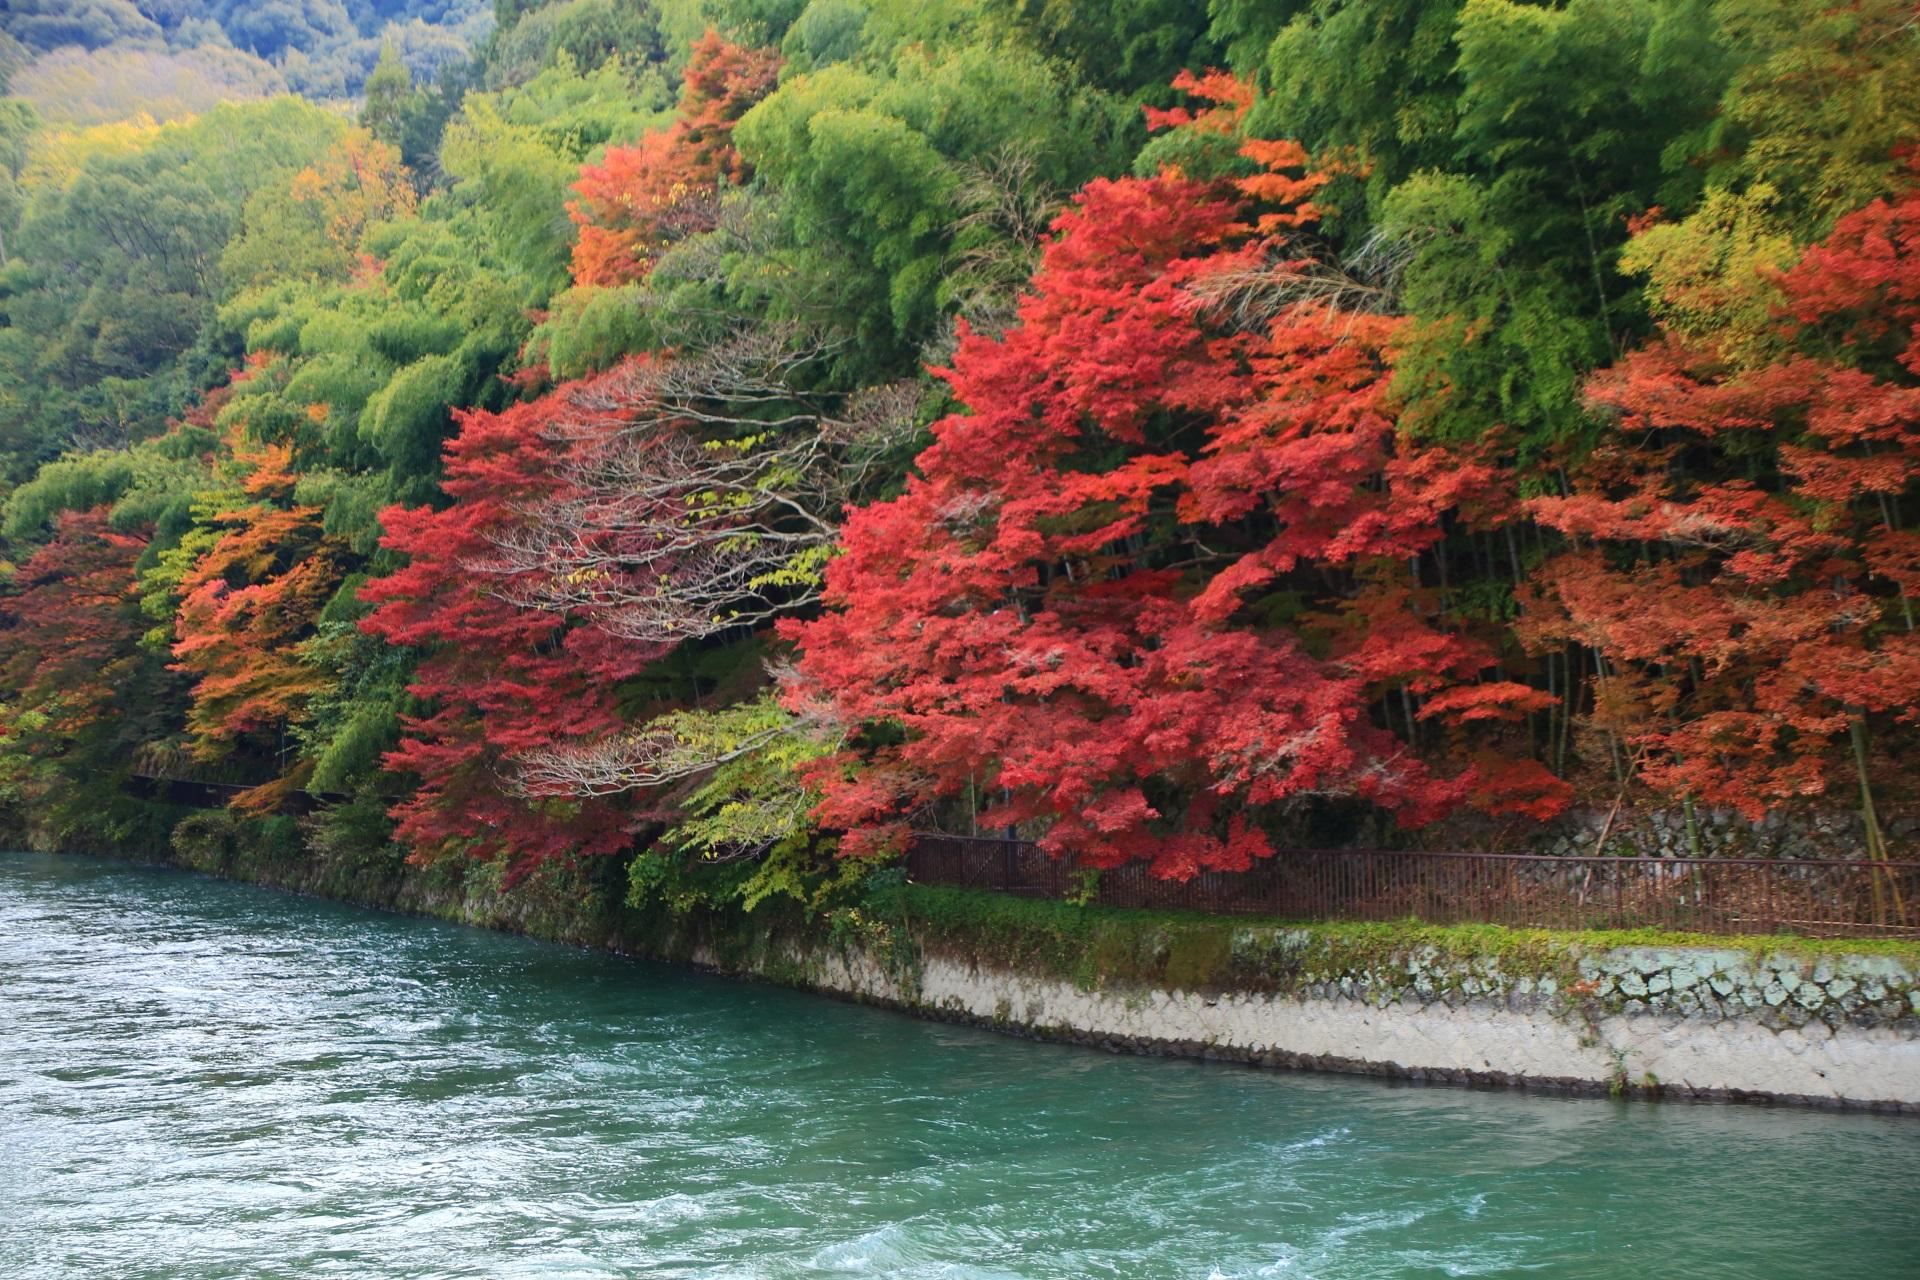 燃えるような真っ赤な紅葉が溢れる宇治川